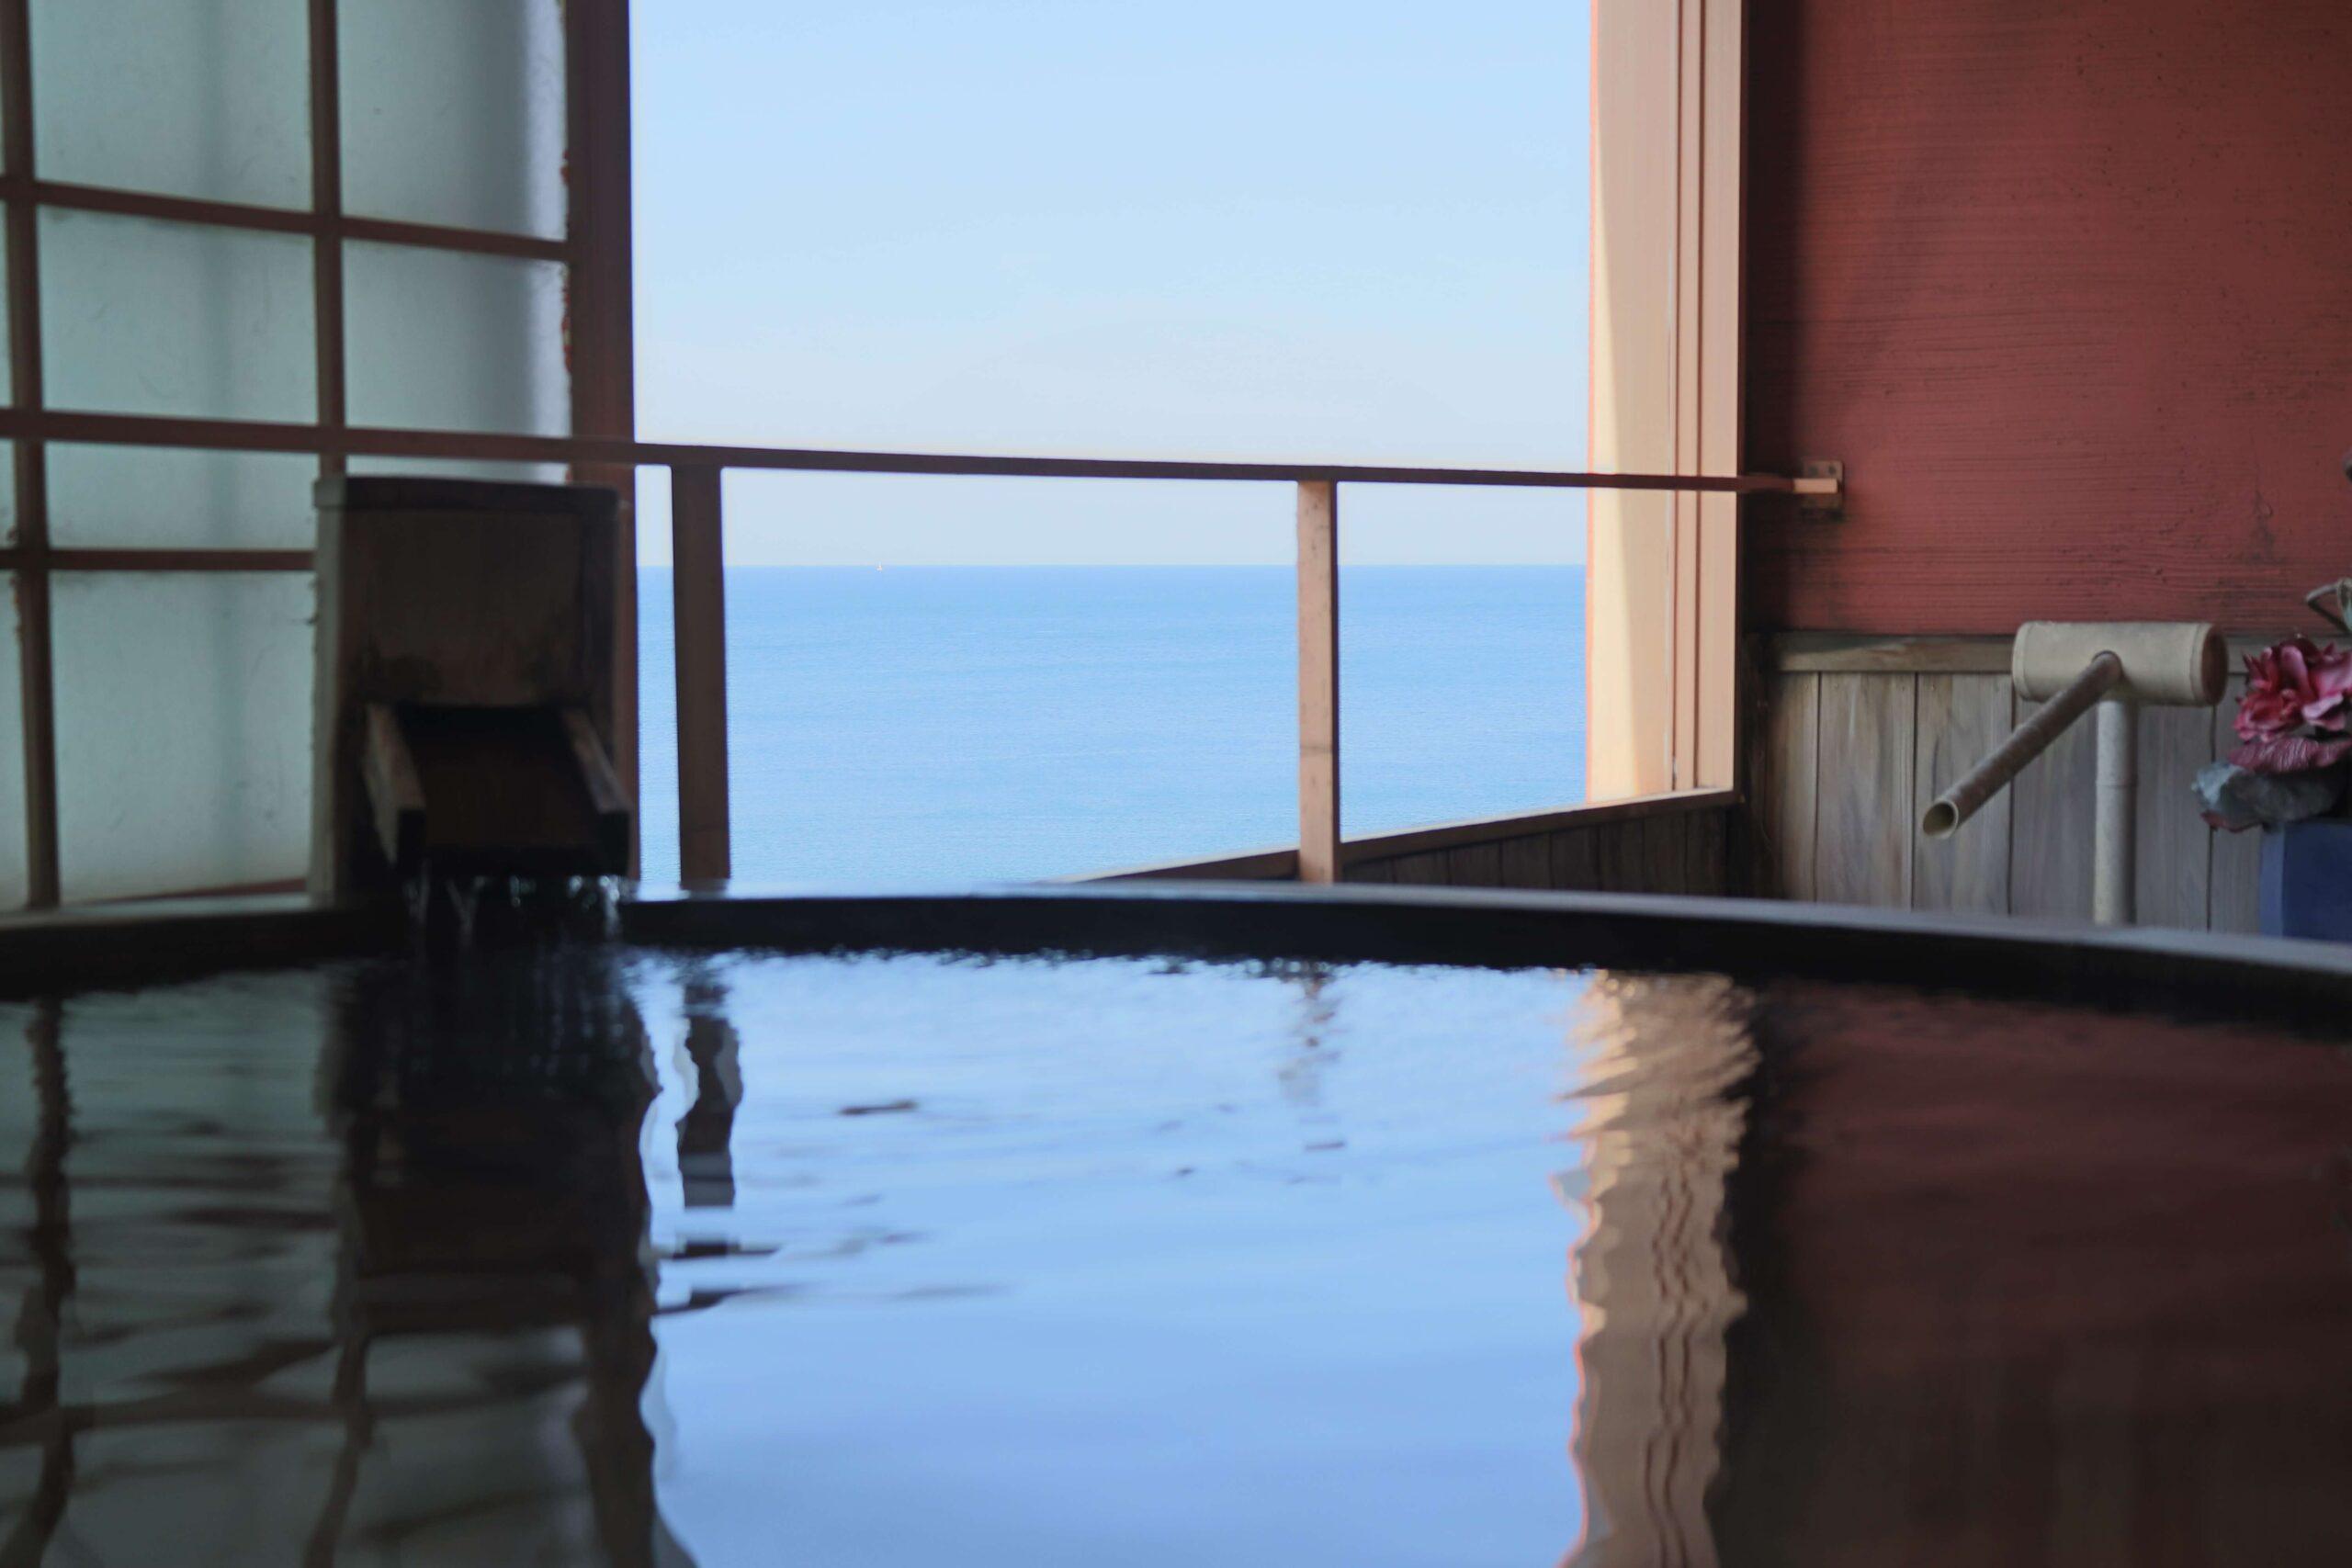 粋松亭の「やさしさに包まれて」の客室露天風呂